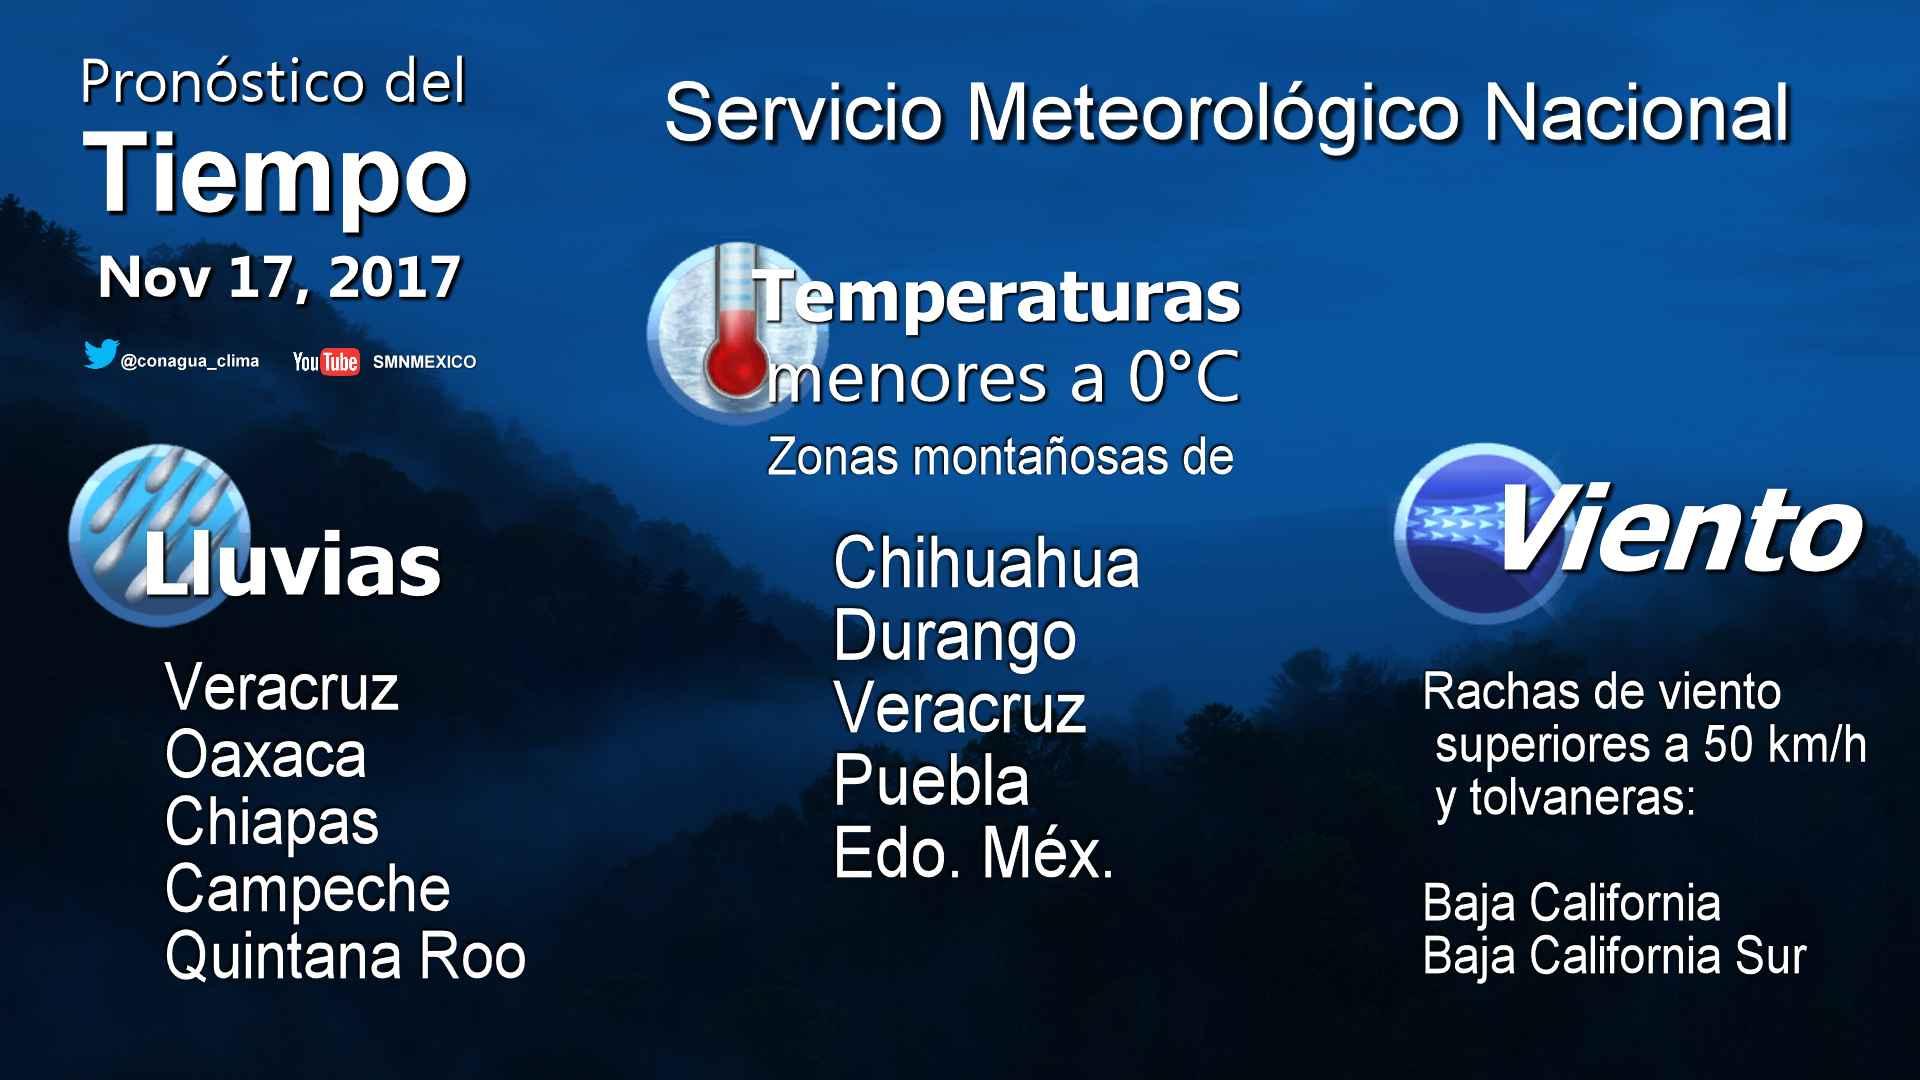 Pronostican descenso de temperaturas en el país: Informó el SMN